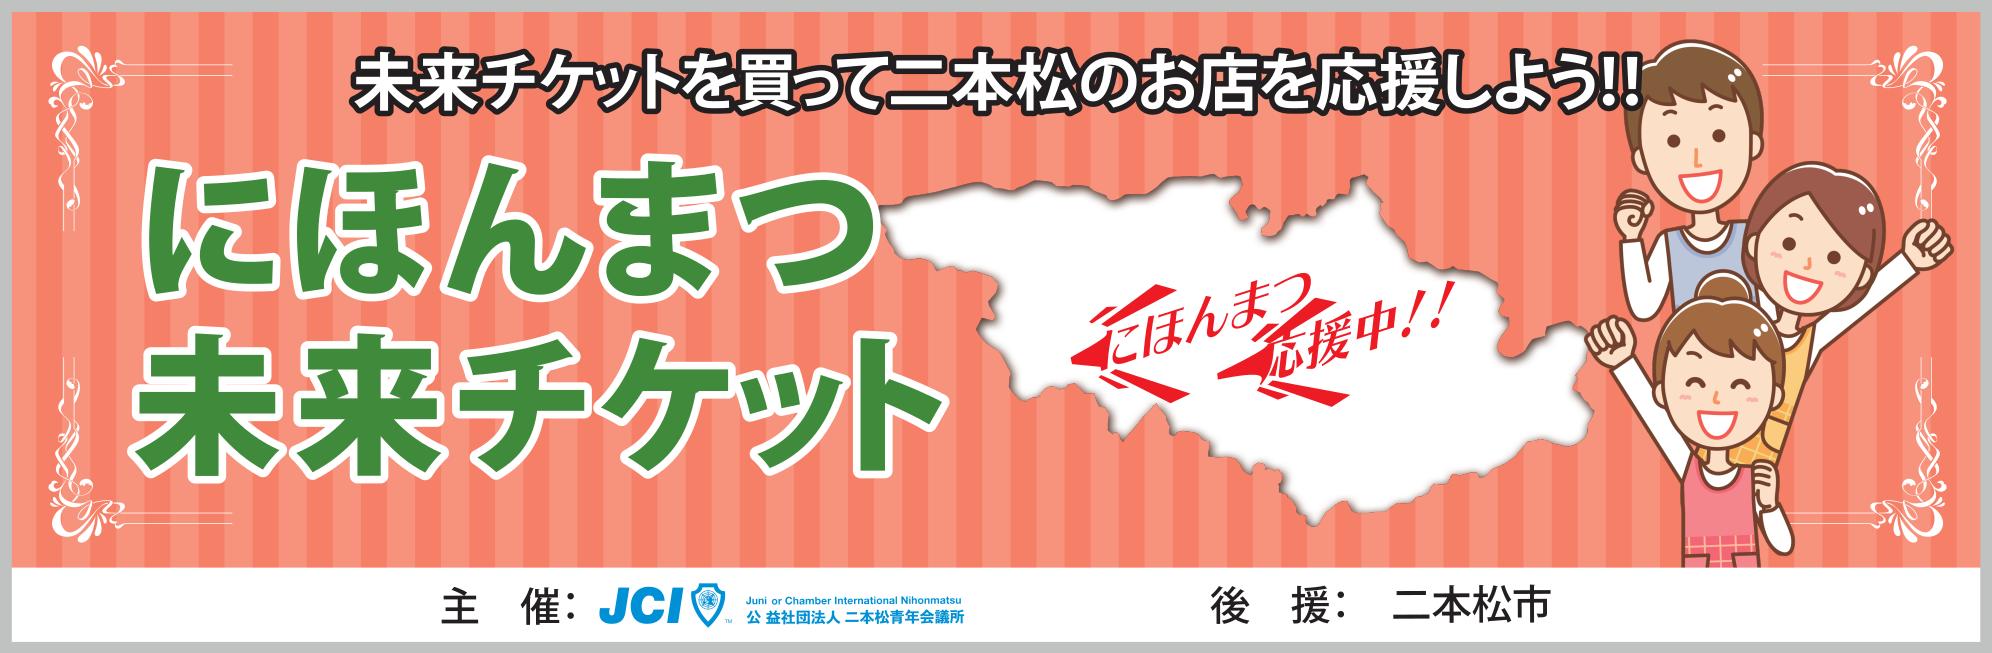 二本松を応援!にほんまつ未来チケット販売サイト